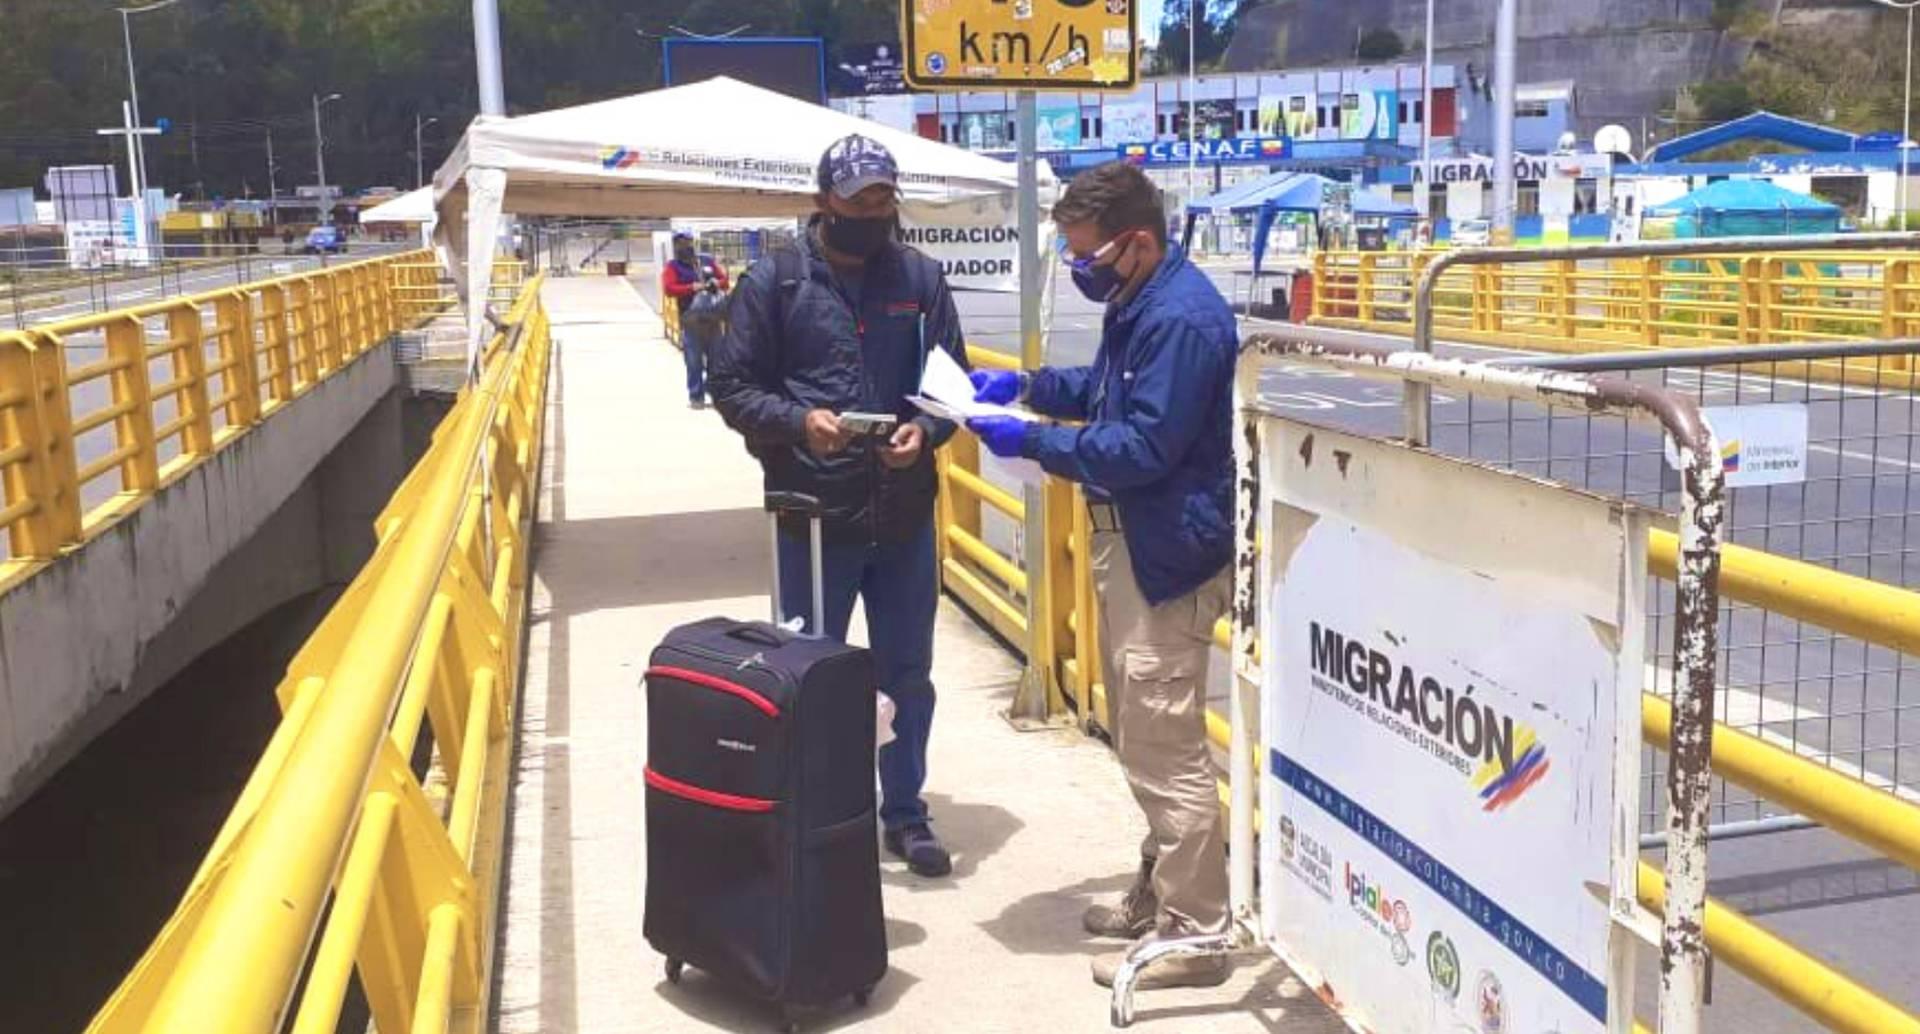 Las emergencias humanitarias y el retorno de migrantes quedan dentro de las excepciones del decreto.